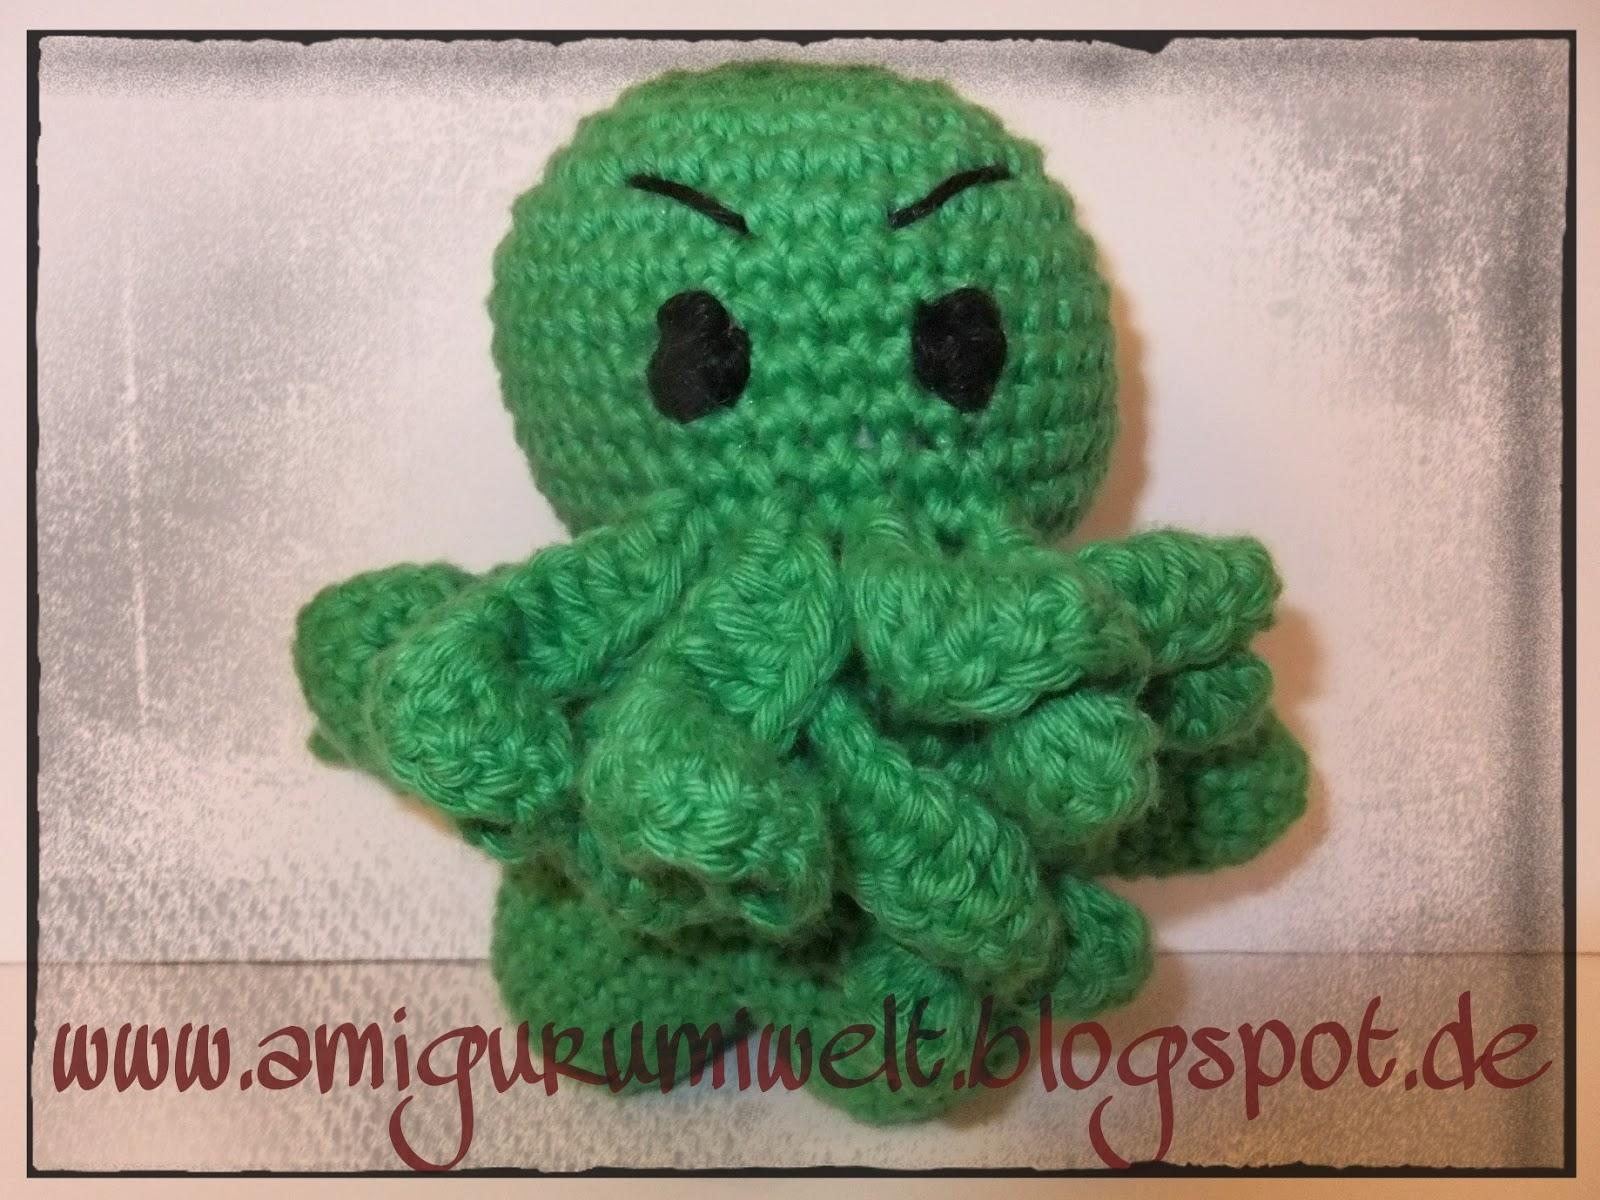 Amigurumi octopus (met afbeeldingen) | Haken, Breien en haken ... | 1200x1600